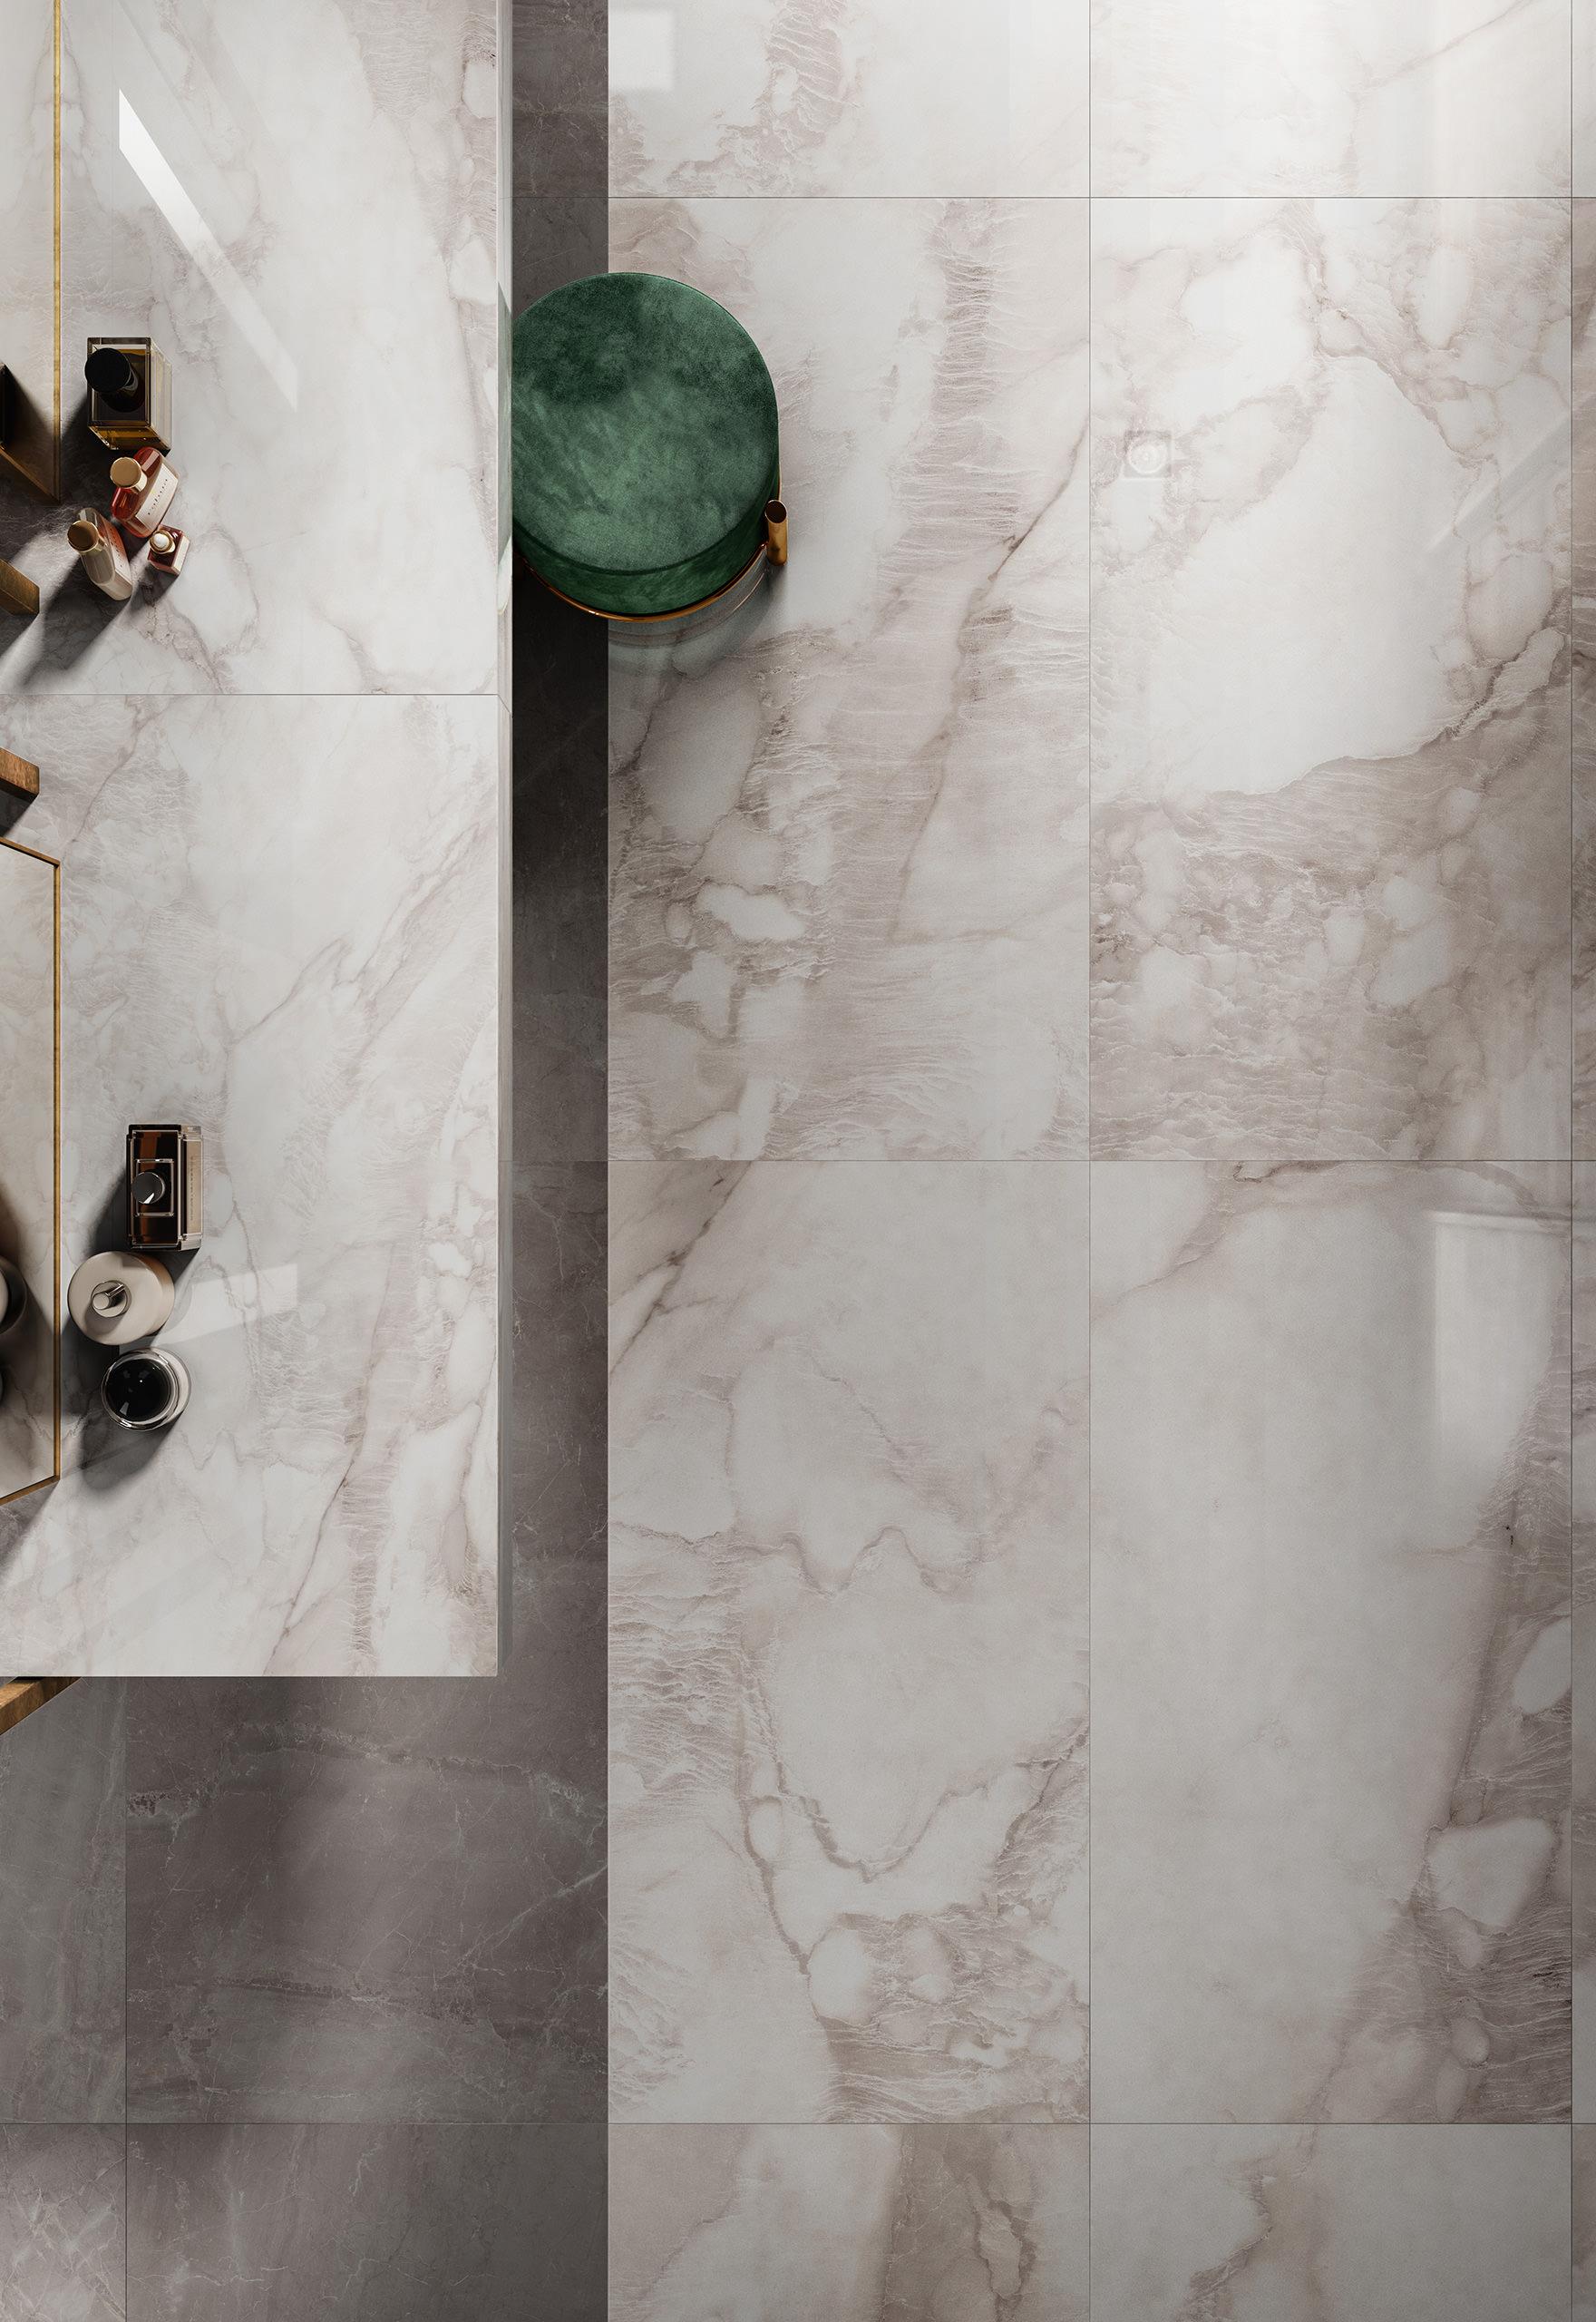 Rendering ceramica interni Valentino bagno dettaglio